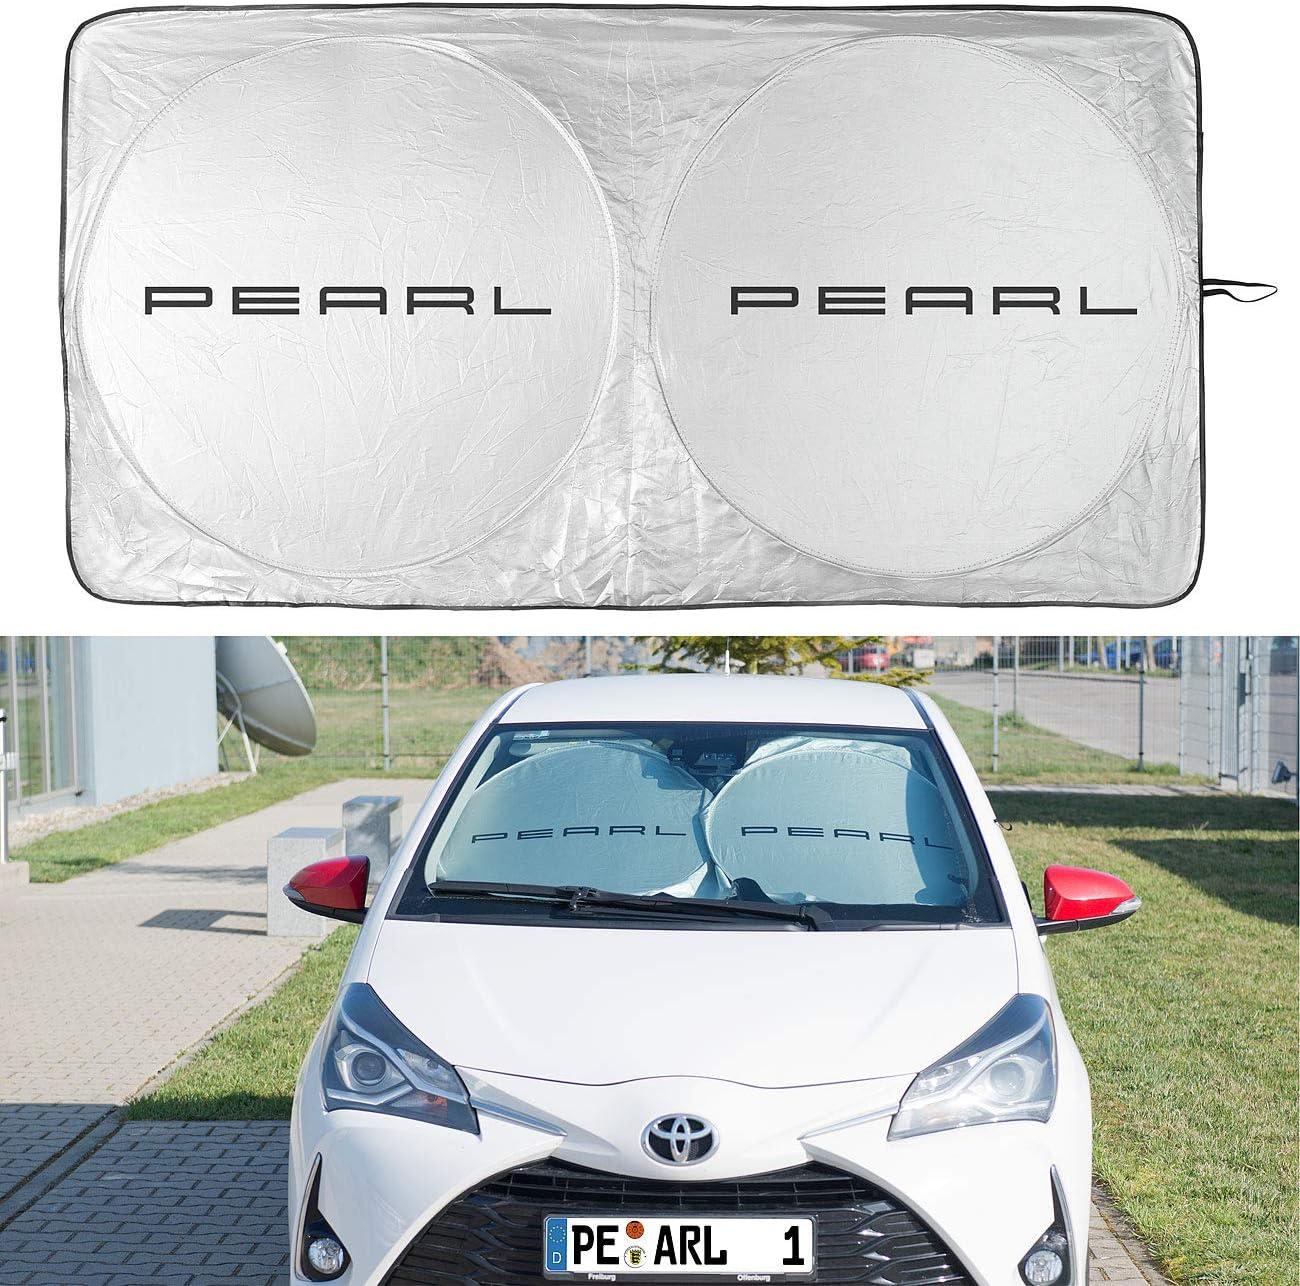 Infactory Sonnenschutz Auto 2er Set Universal Sonnenschutzfolie Für Die Windschutzscheibe Kfz Sonnenschutz Auto